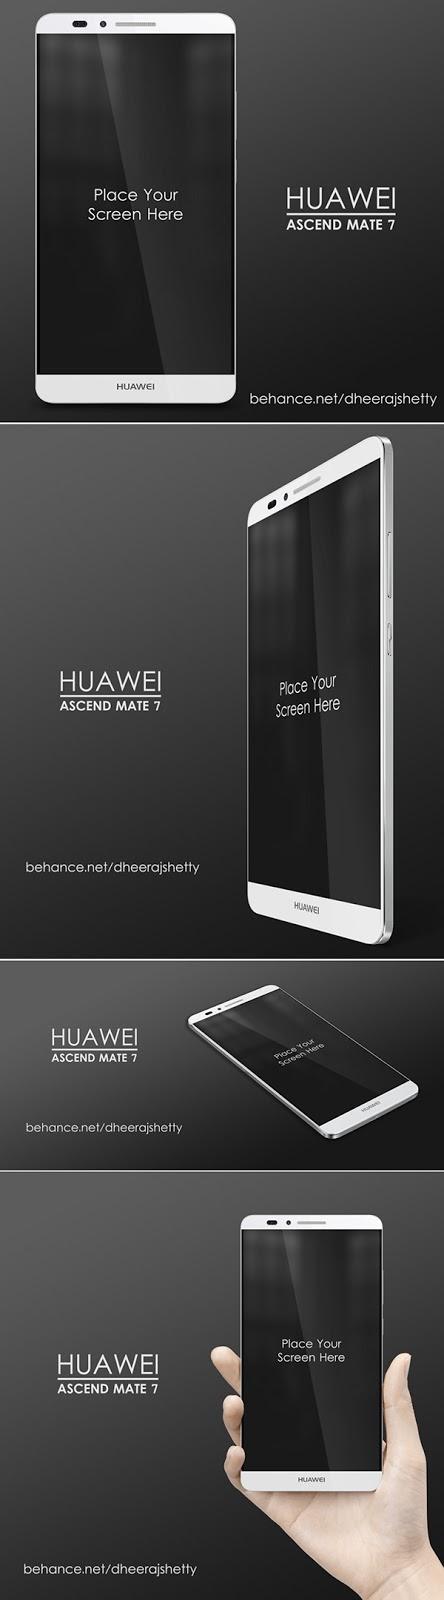 Smartphone & Tablet Mockup PSD Terbaru Gratis - Huawei Ascend Mate 7 PSD Mockup